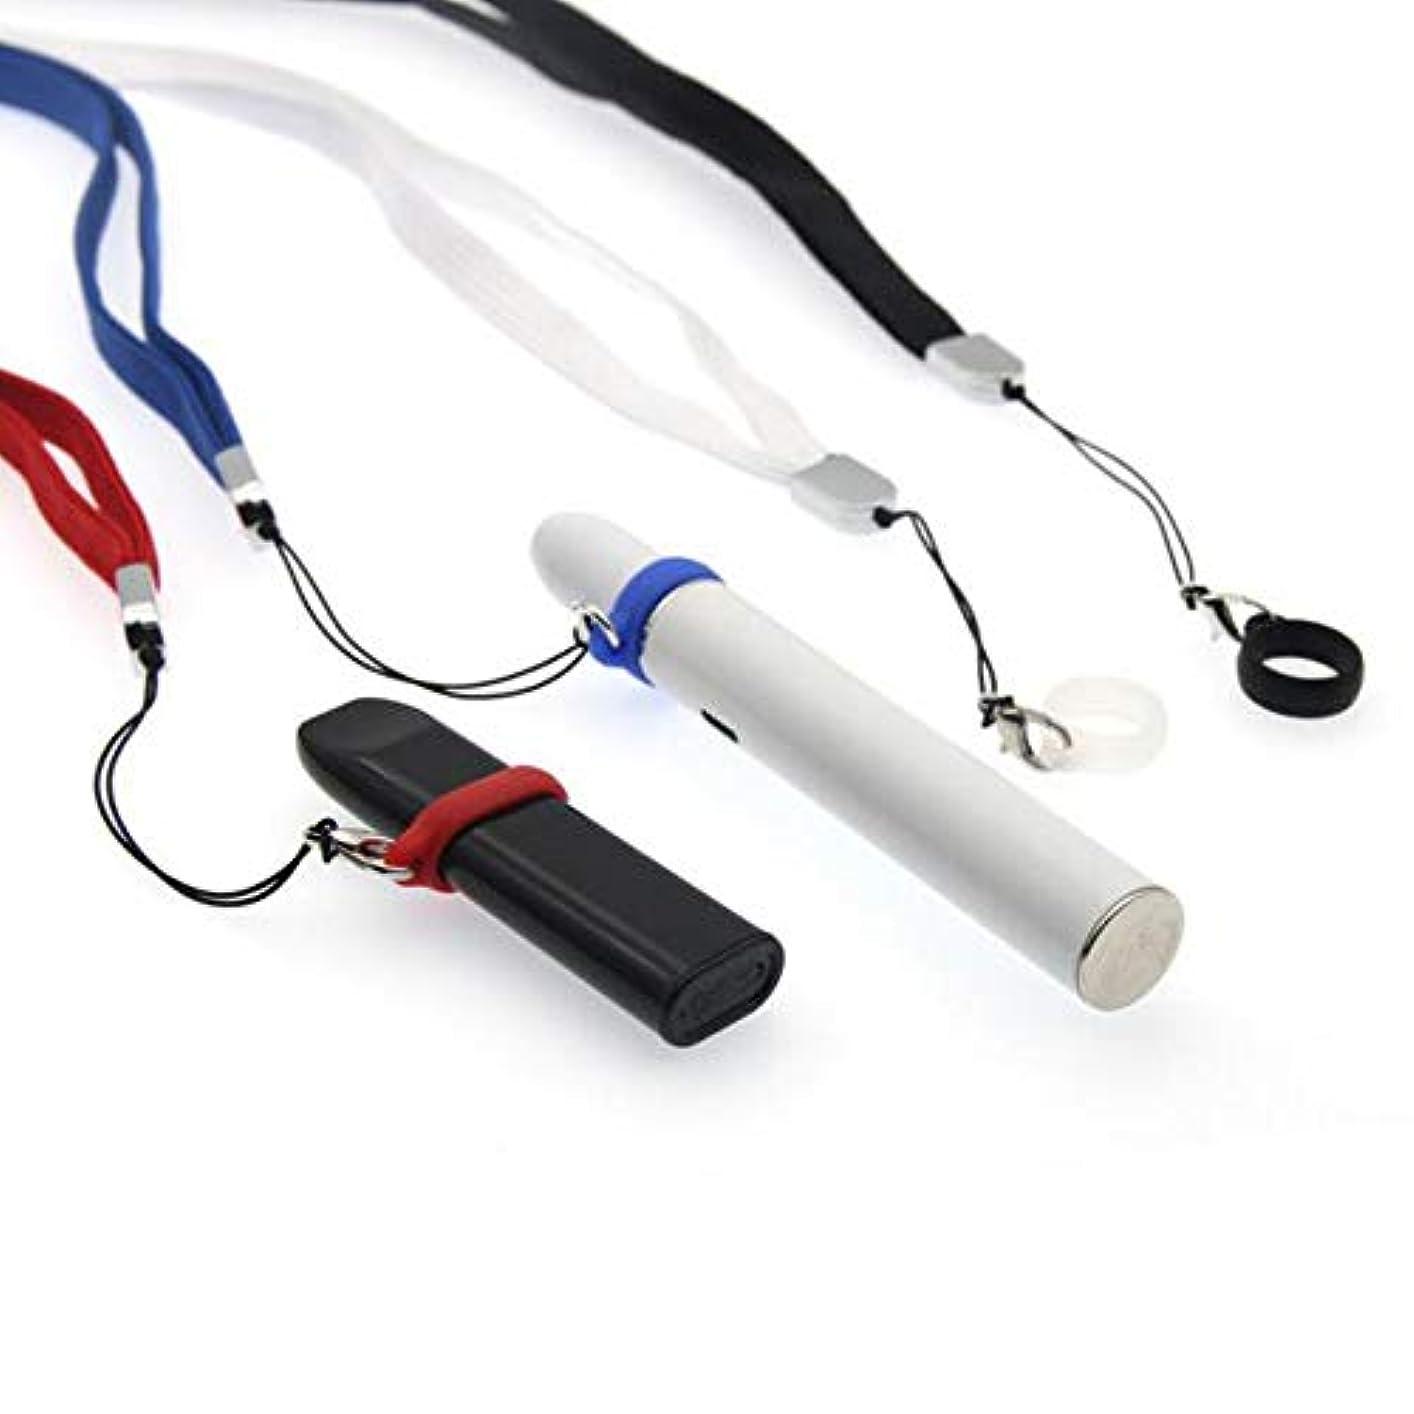 汚染害虫長老gundoop プルームテック ネックストラップ 対応 電子タバコ ネックストラップ PloomTECH専用 ストラップ 首から下げて携帯